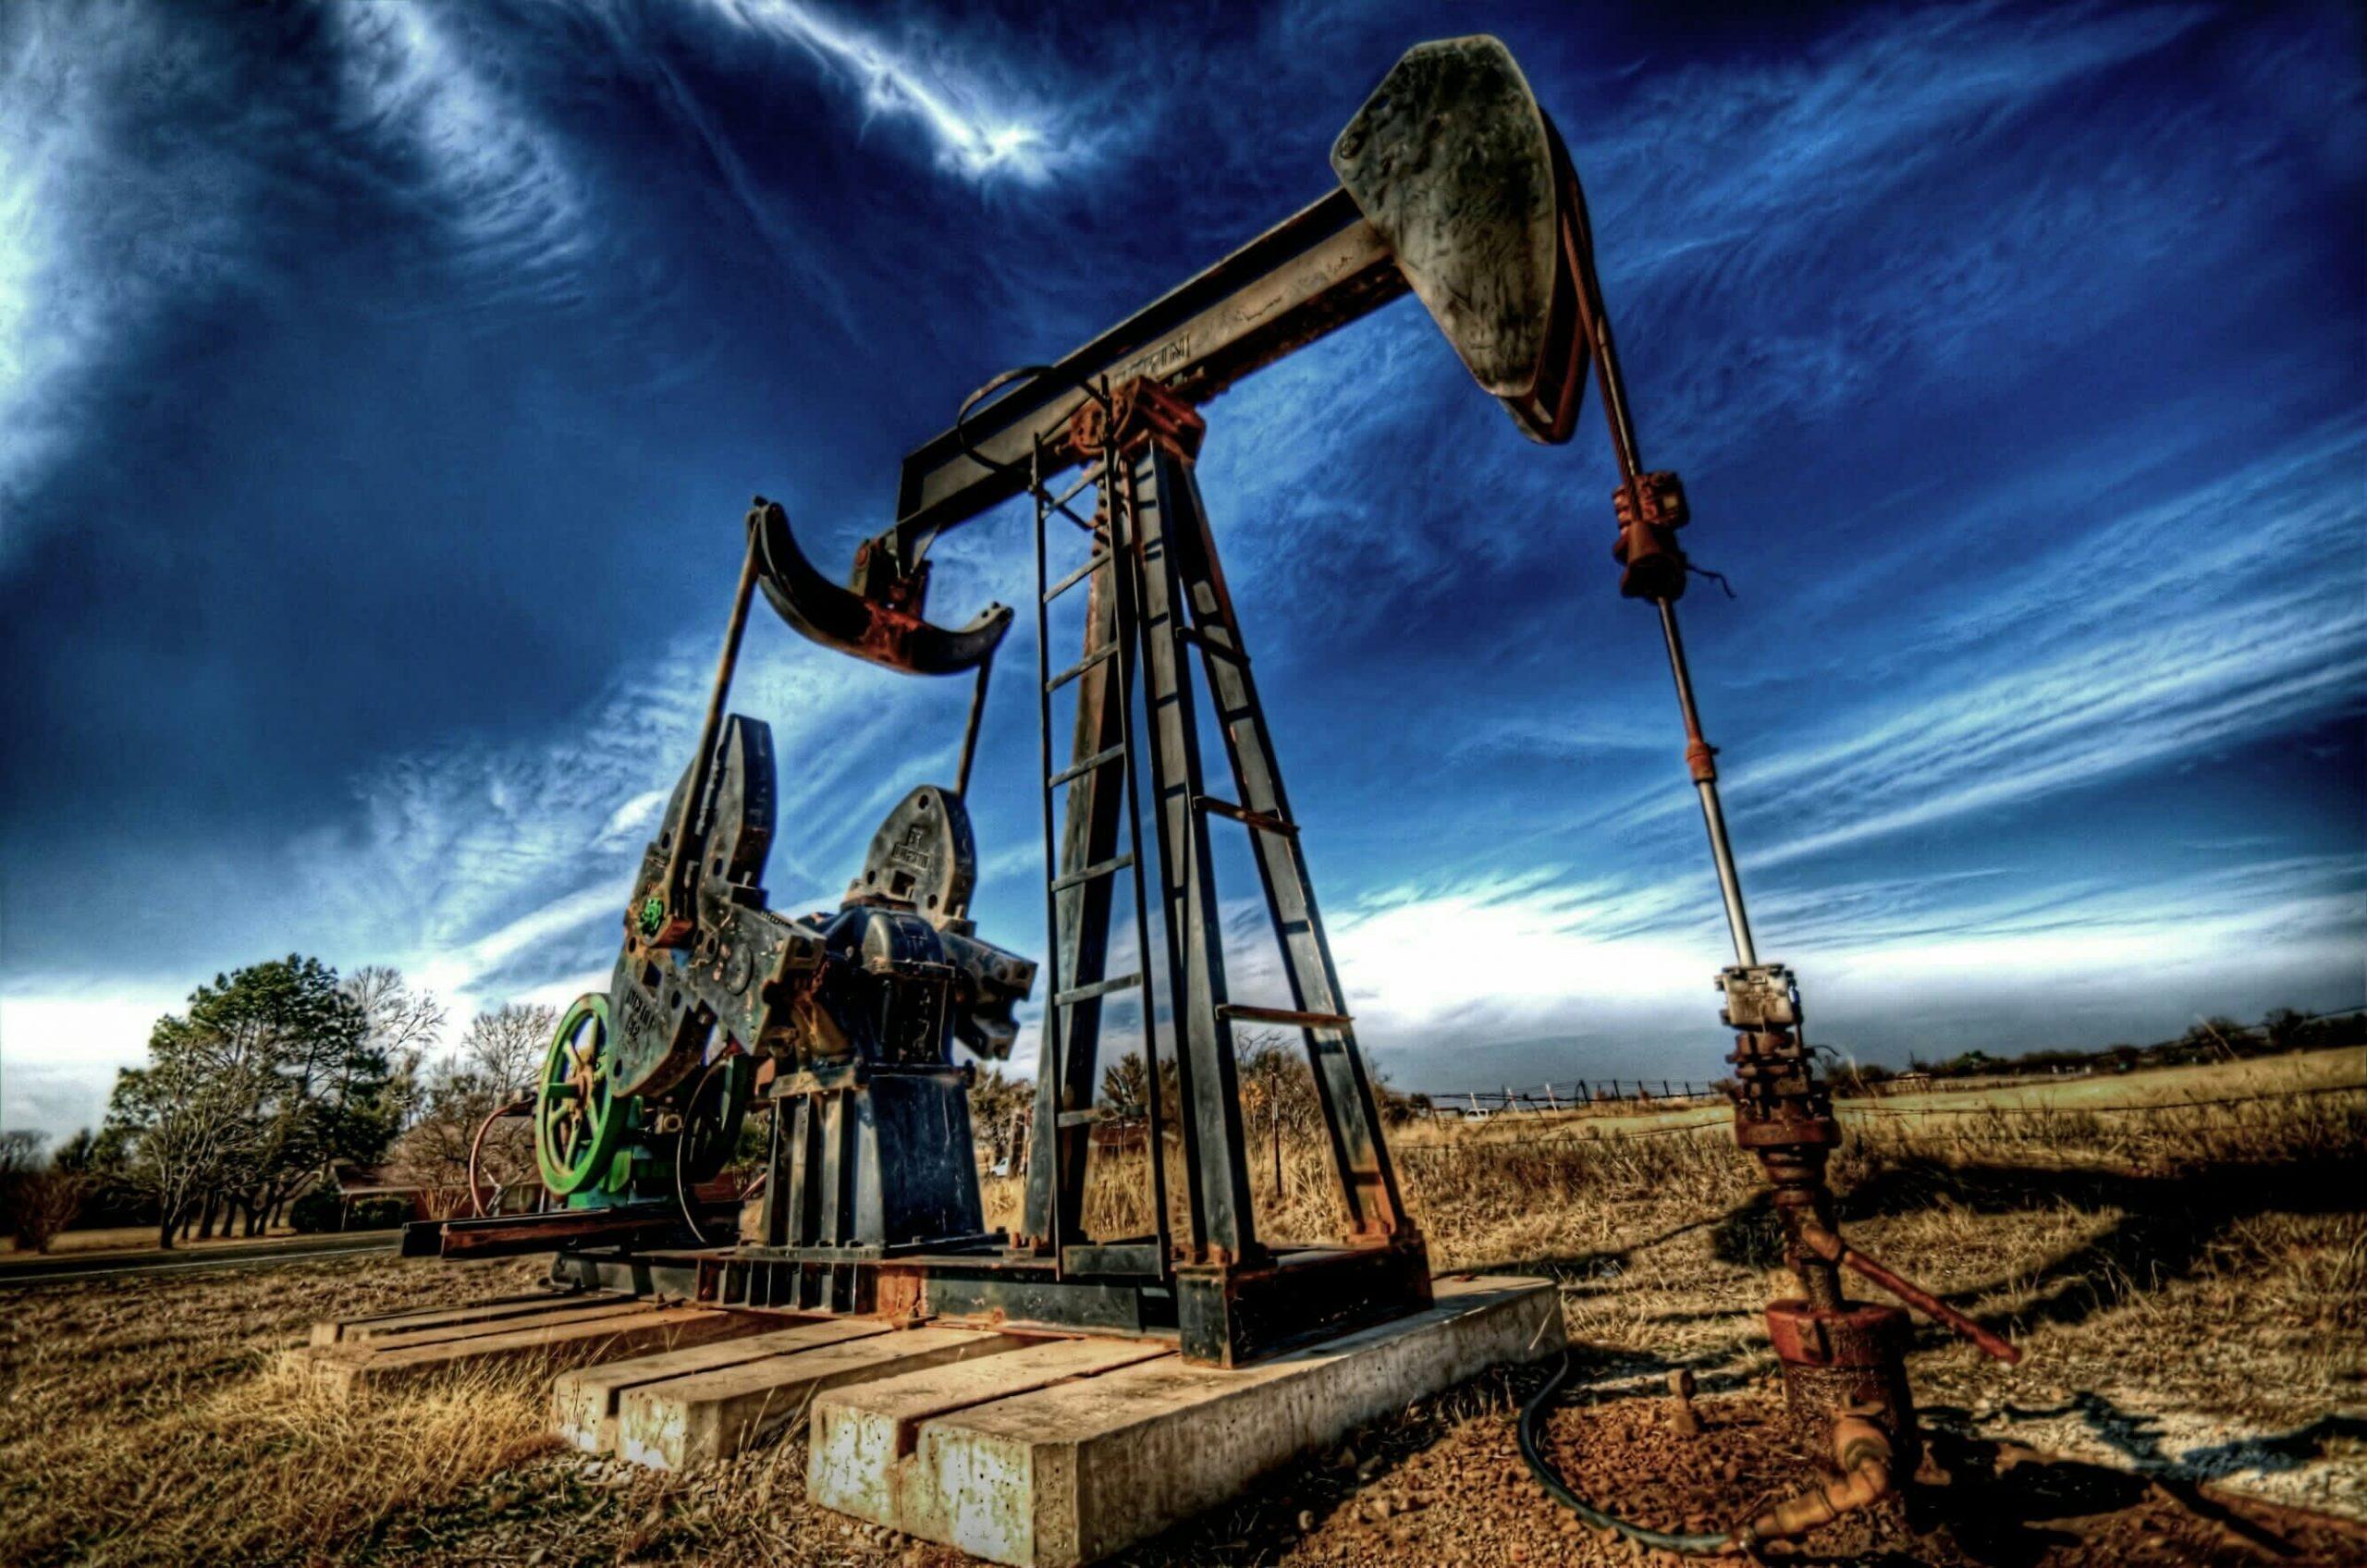 Oil steady in undersupplied market but virus clouds demand